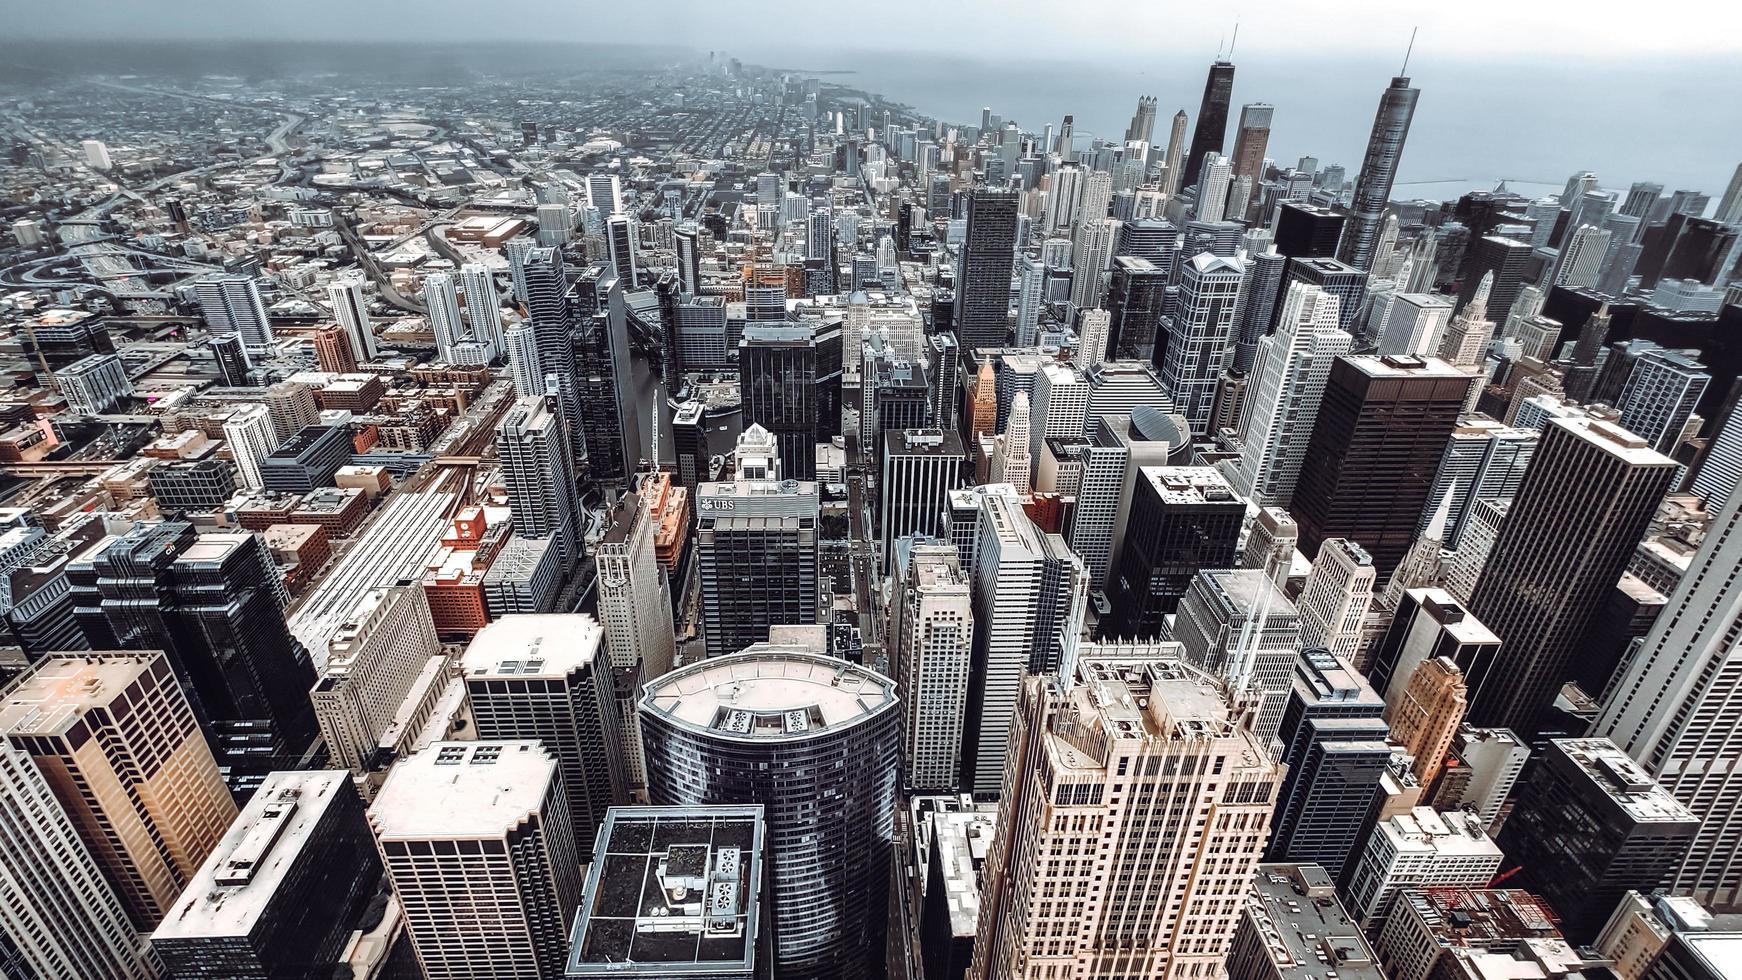 bâtiments en béton gris pendant la journée photo